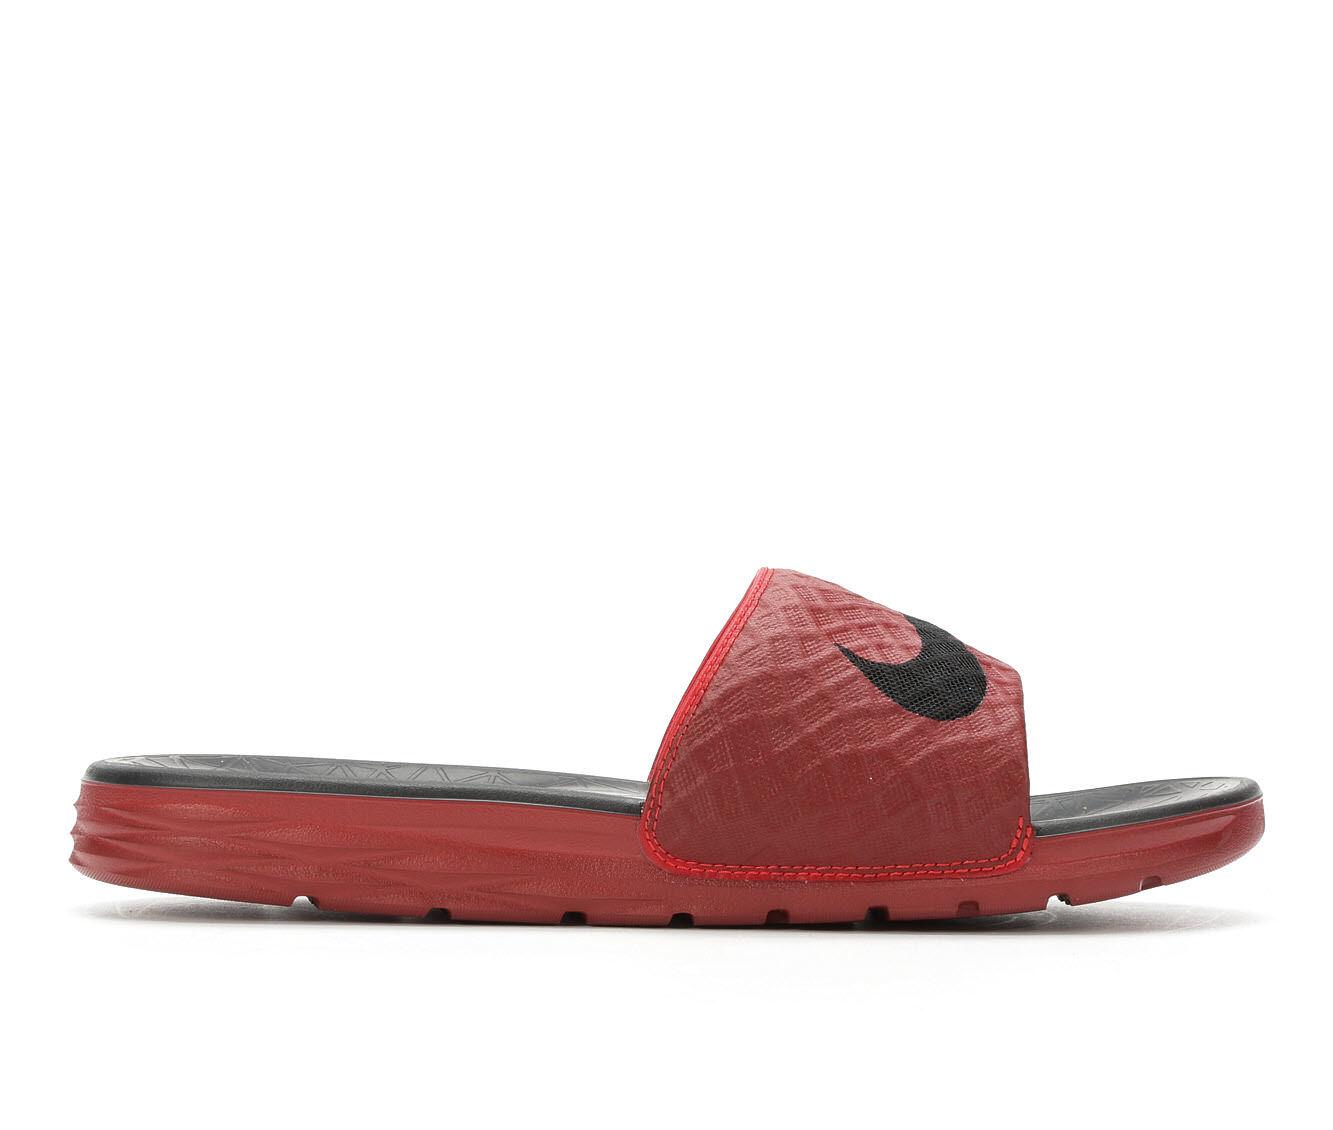 cheap discounts tumblr online Men's Nike Benassi Solarsoft Slide 2 Sport Slides footlocker finishline aWq069e4LR